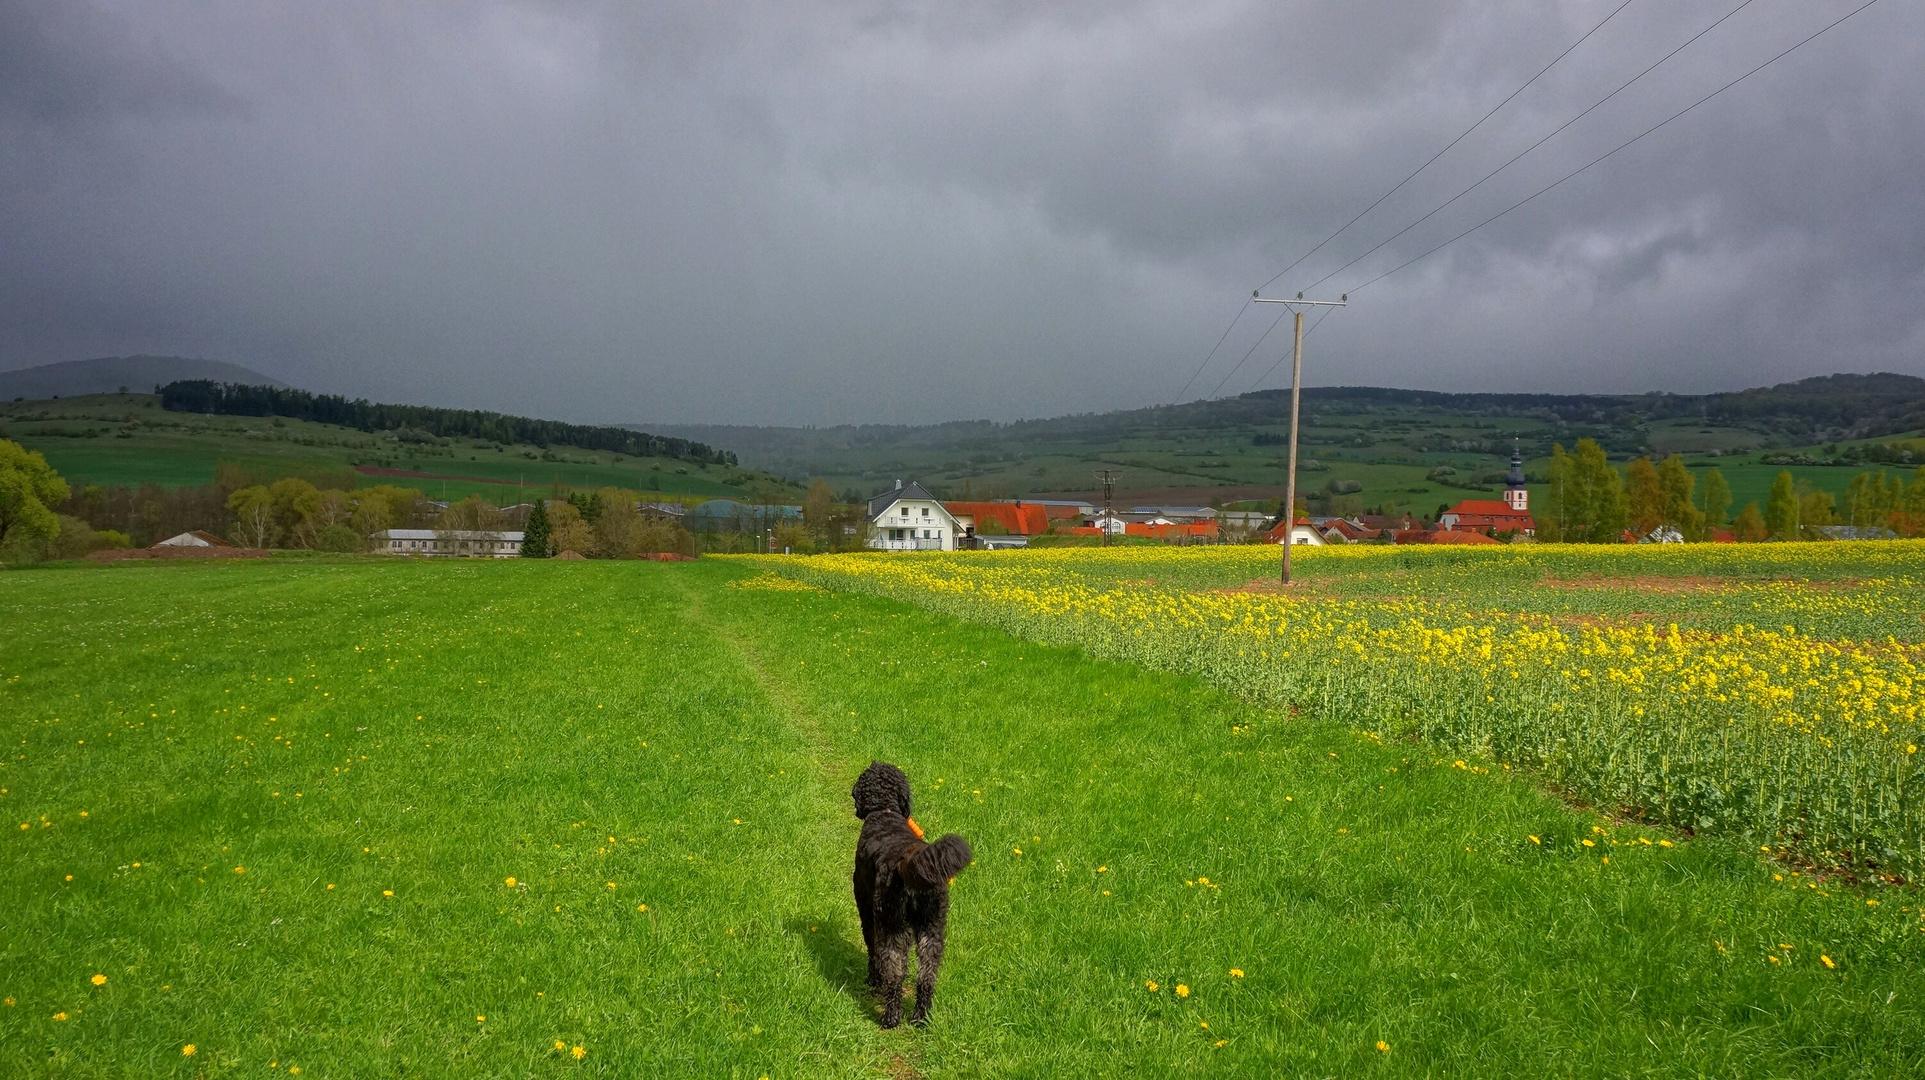 gleich wird es regnen (pronto va a llover)